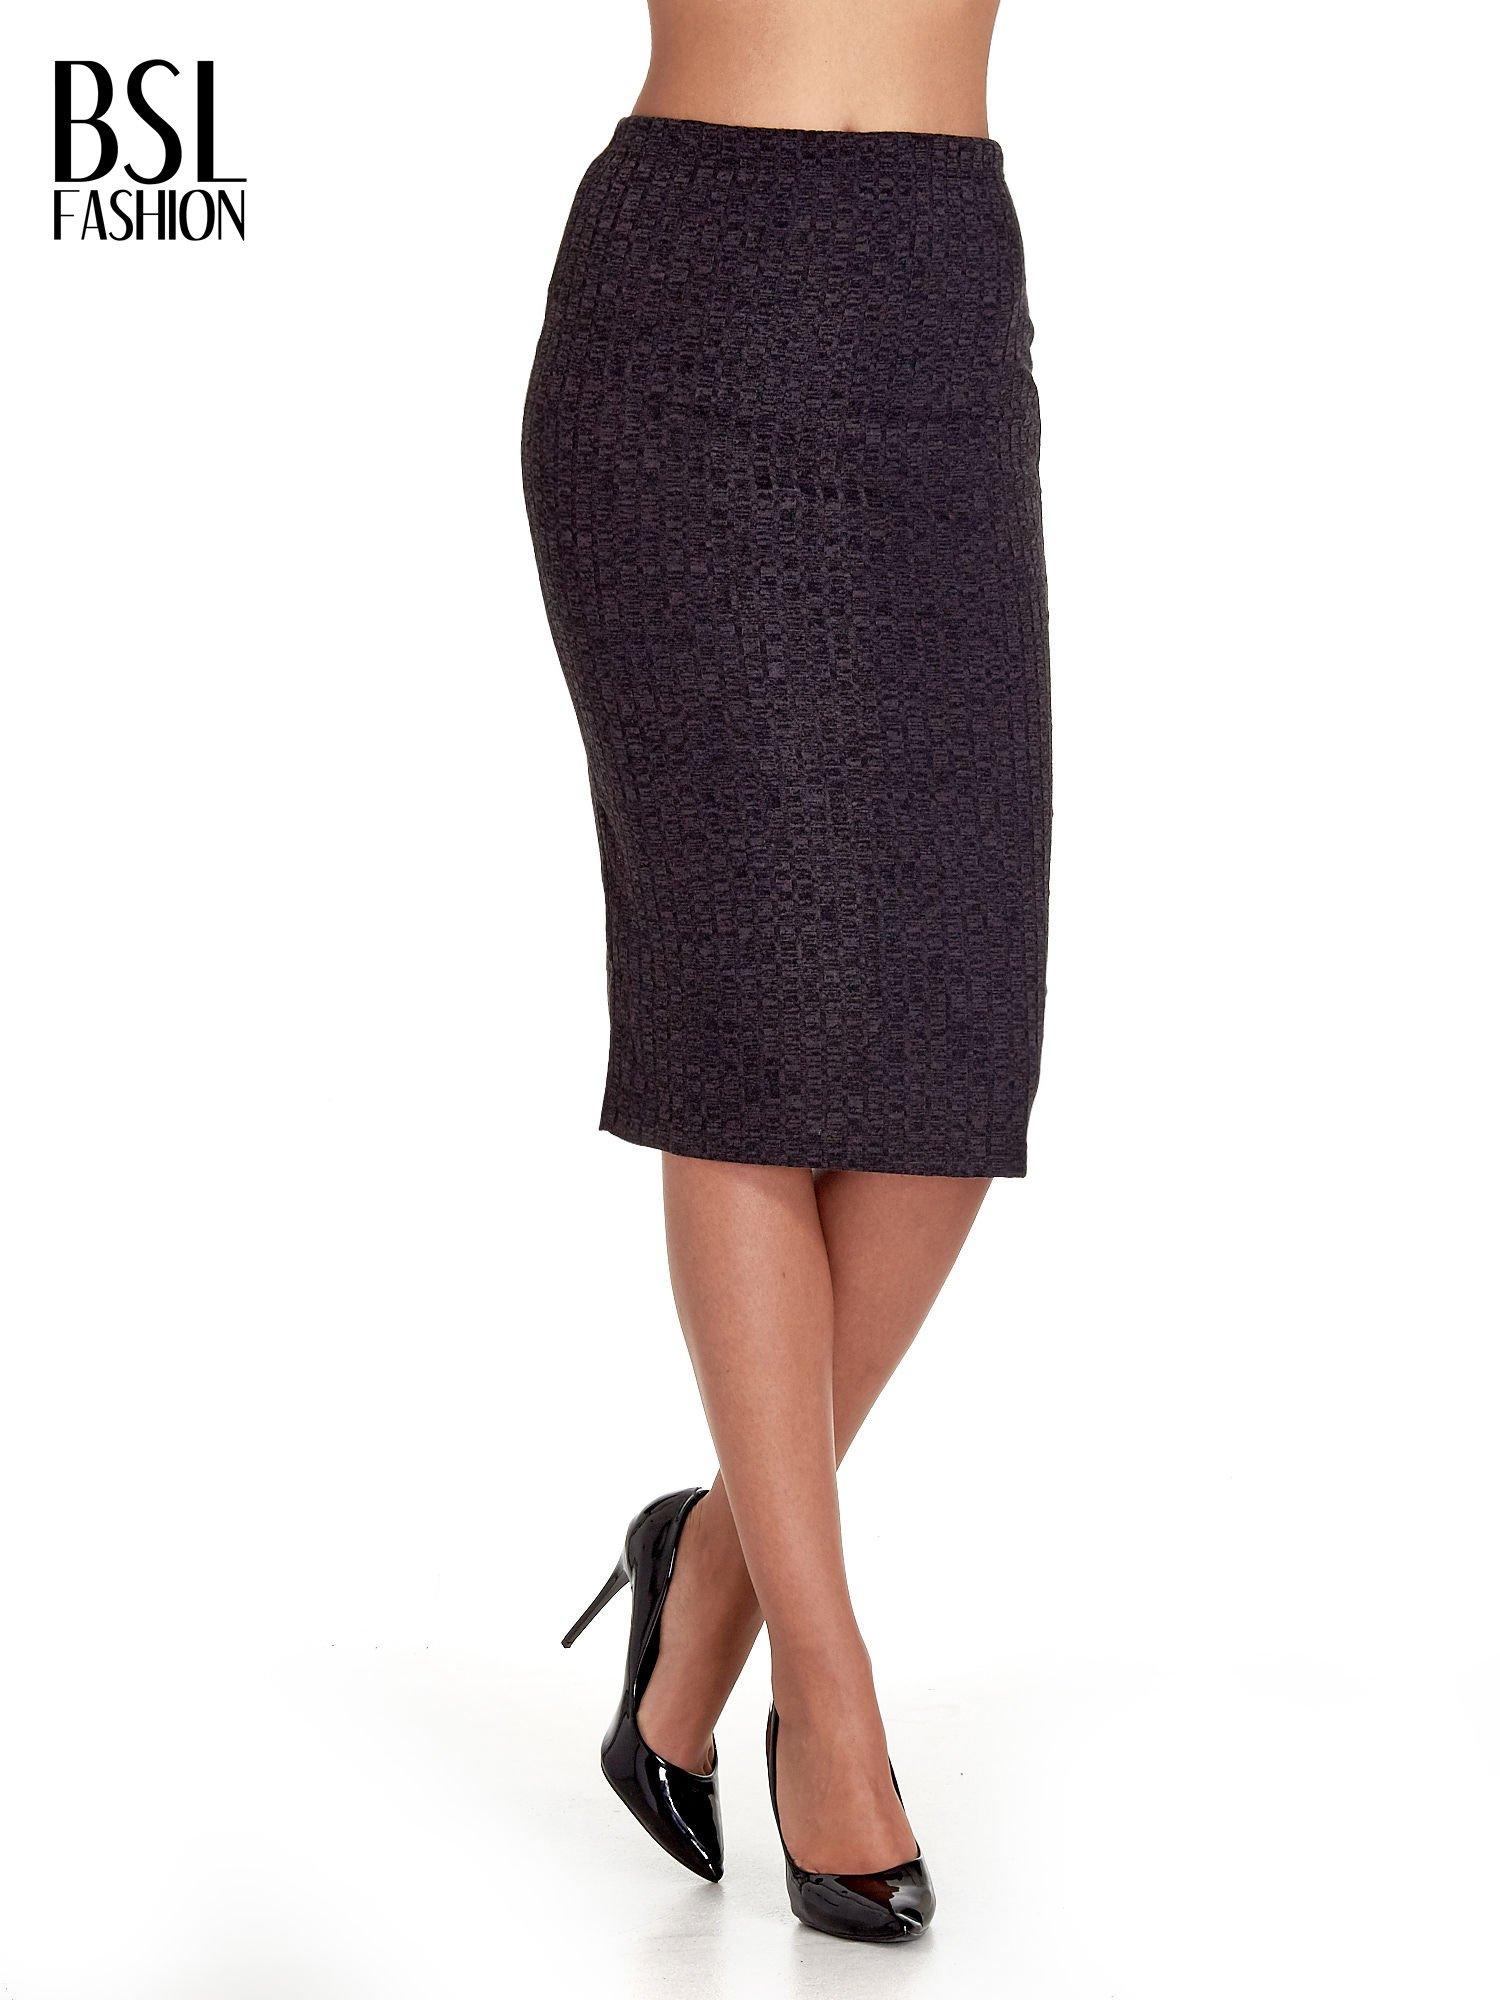 Czarna dzianinowa spódnica za kolano                                  zdj.                                  1